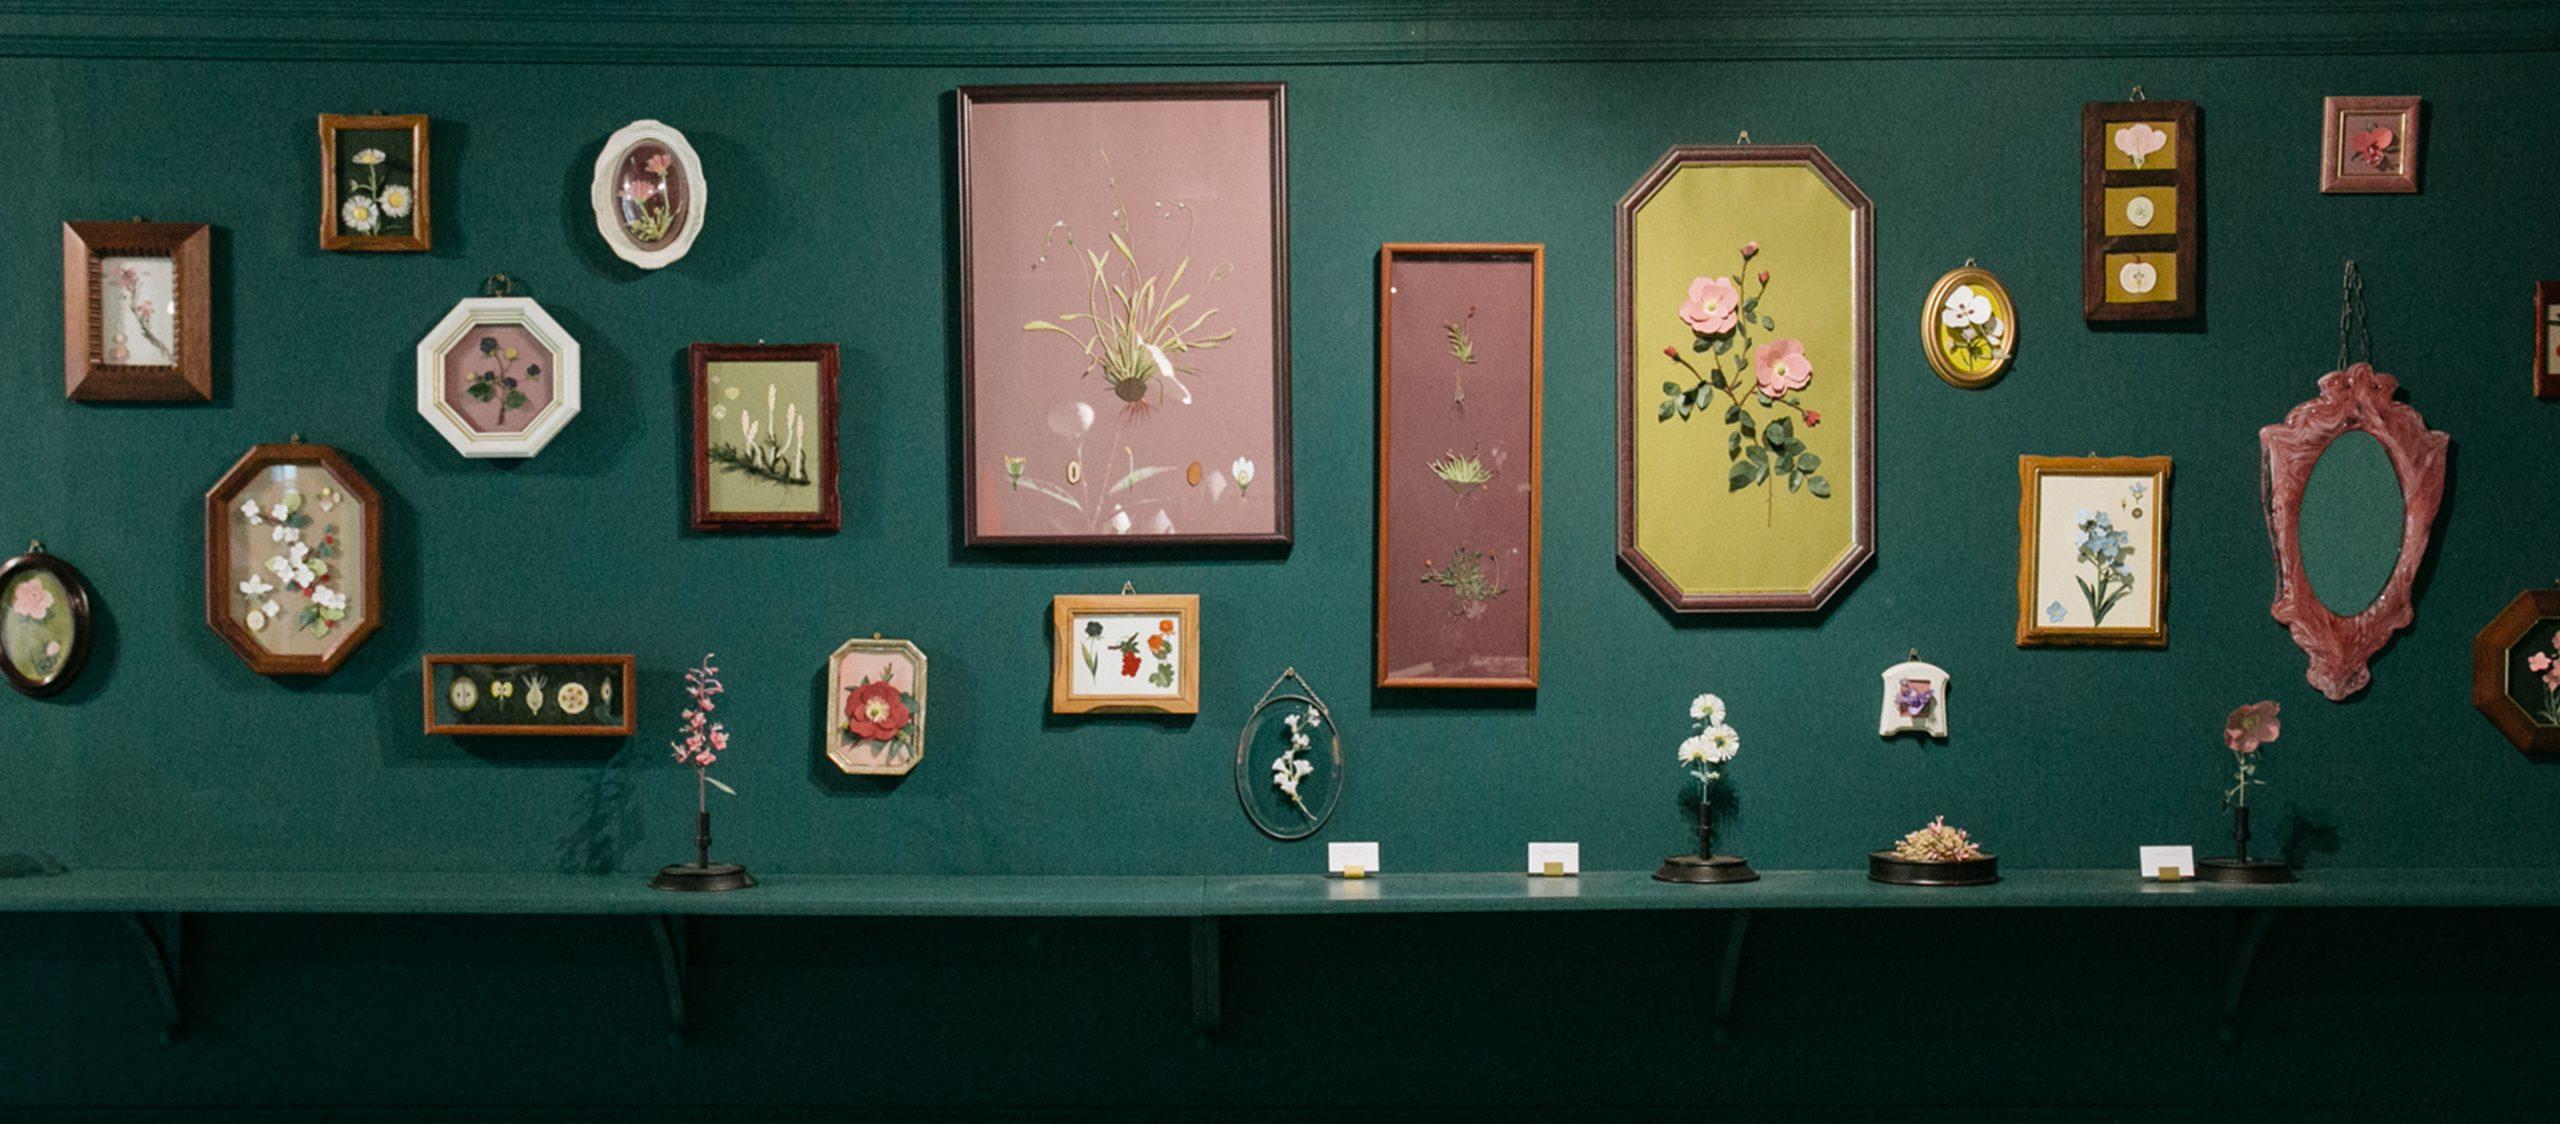 หลง (ใหล) ใน Lost in the Greenland นิทรรศการดอกไม้จากกรรไกรของศิลปินนักตัดกระดาษ